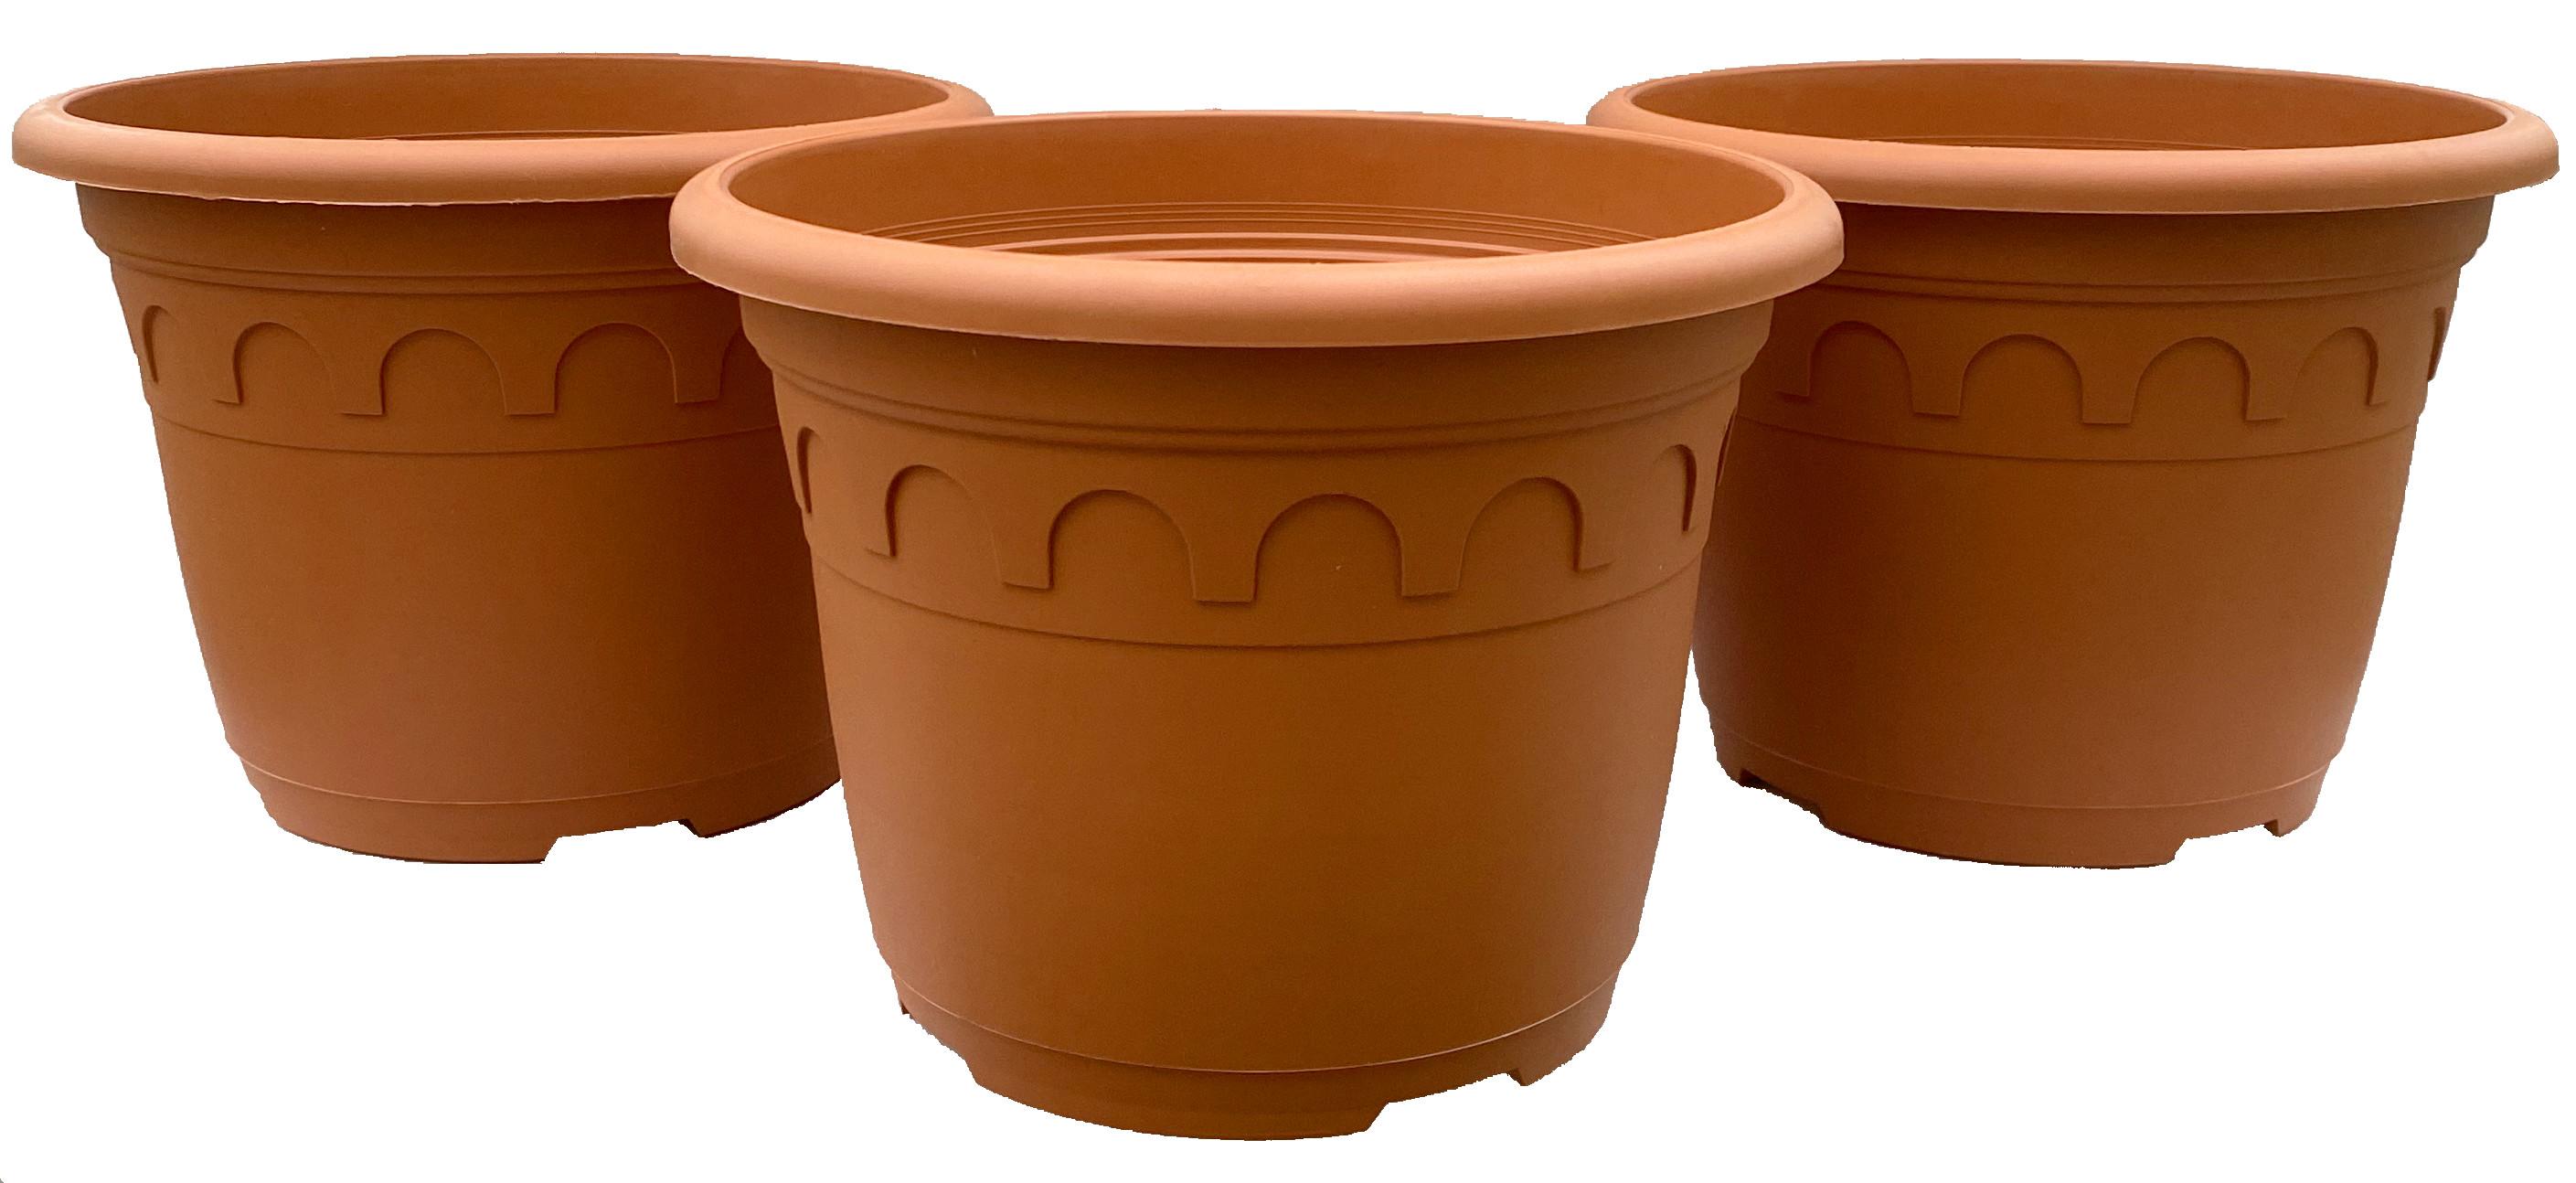 3 x Romatopf Kunststoff Terrakotta-Optik 4,6 Liter